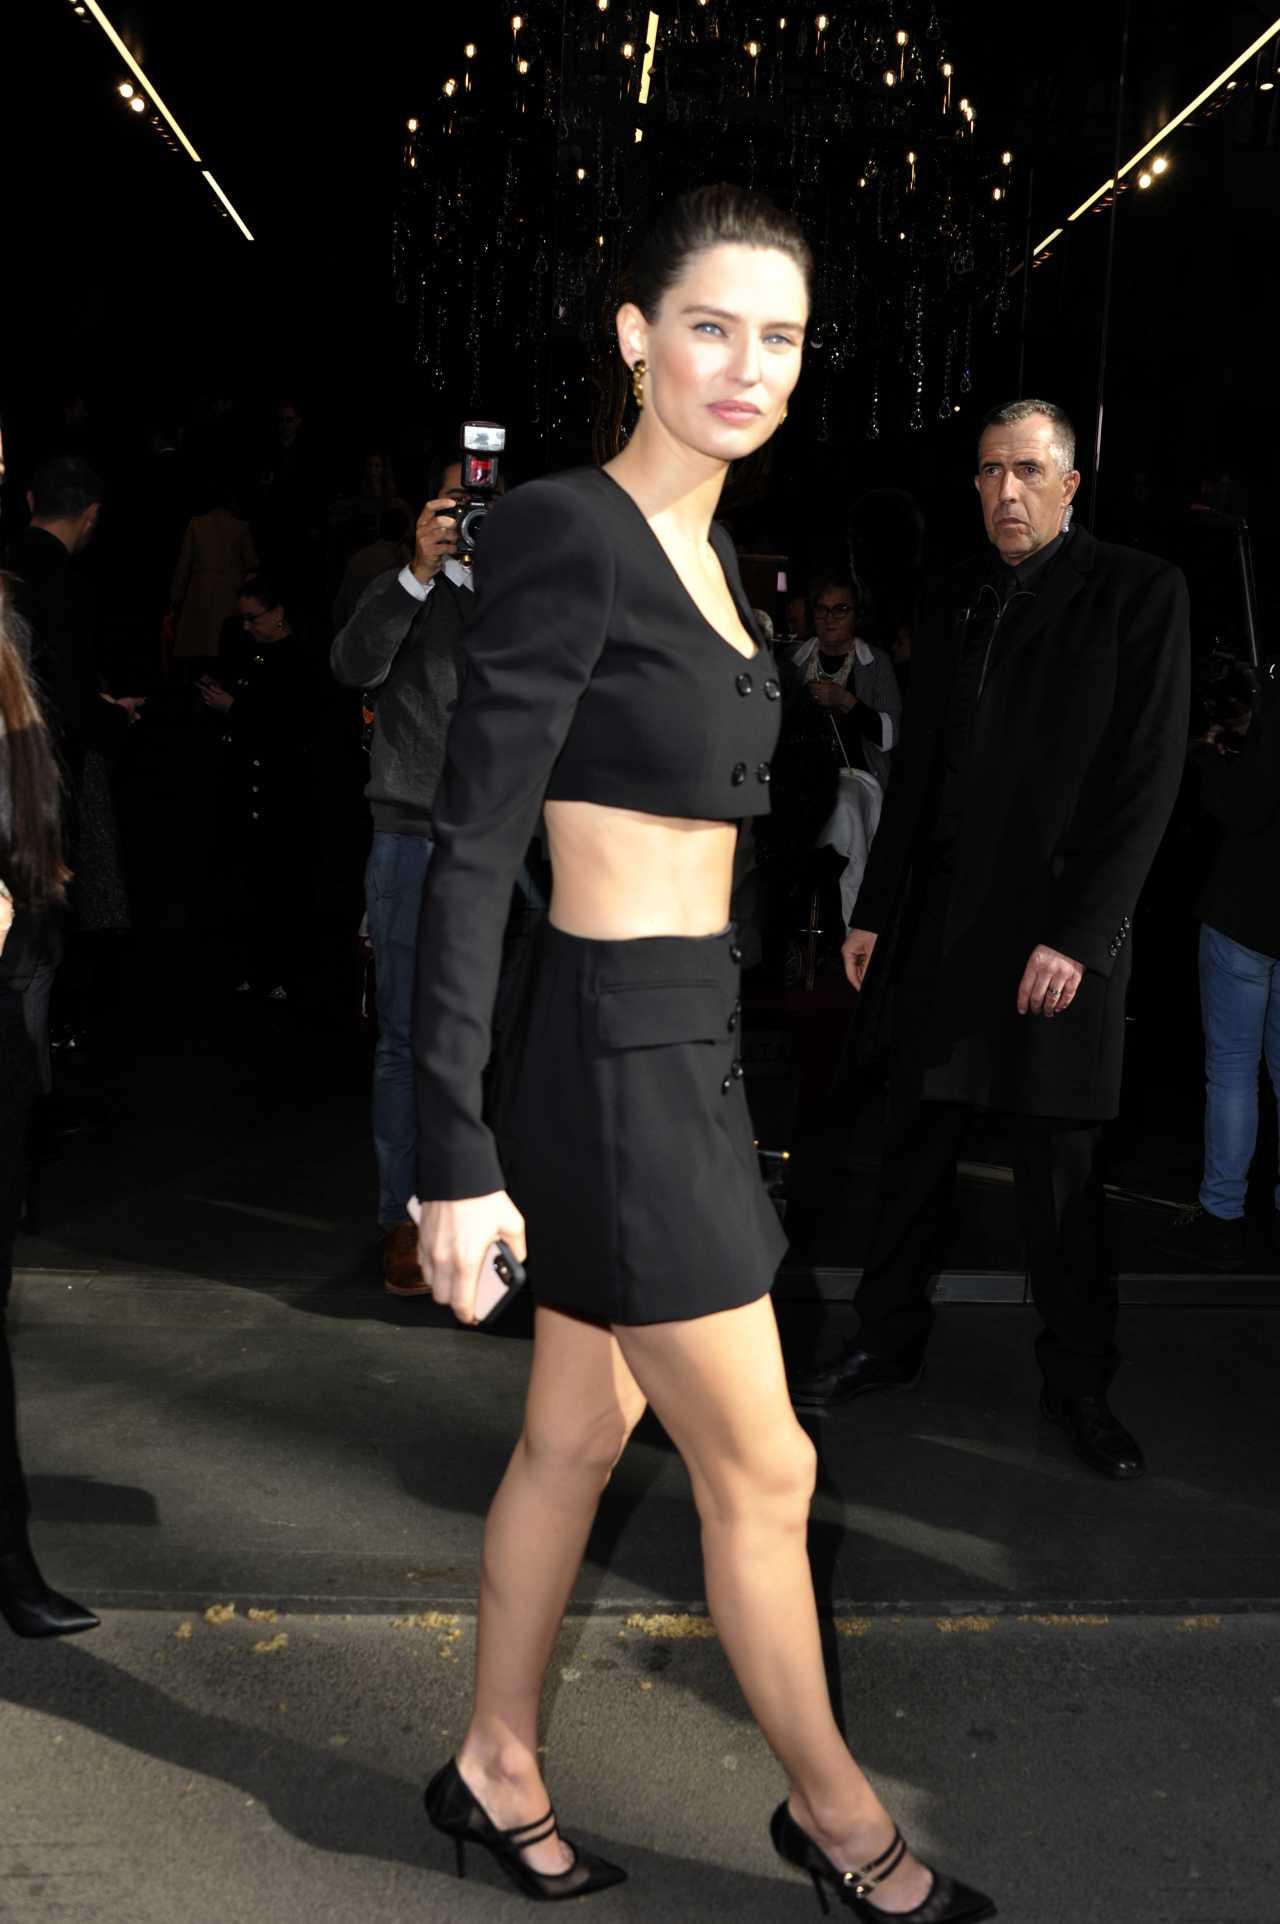 Bianca Balti 2020 : Bianca Balti – Spotted during Milan Fashion Week-03